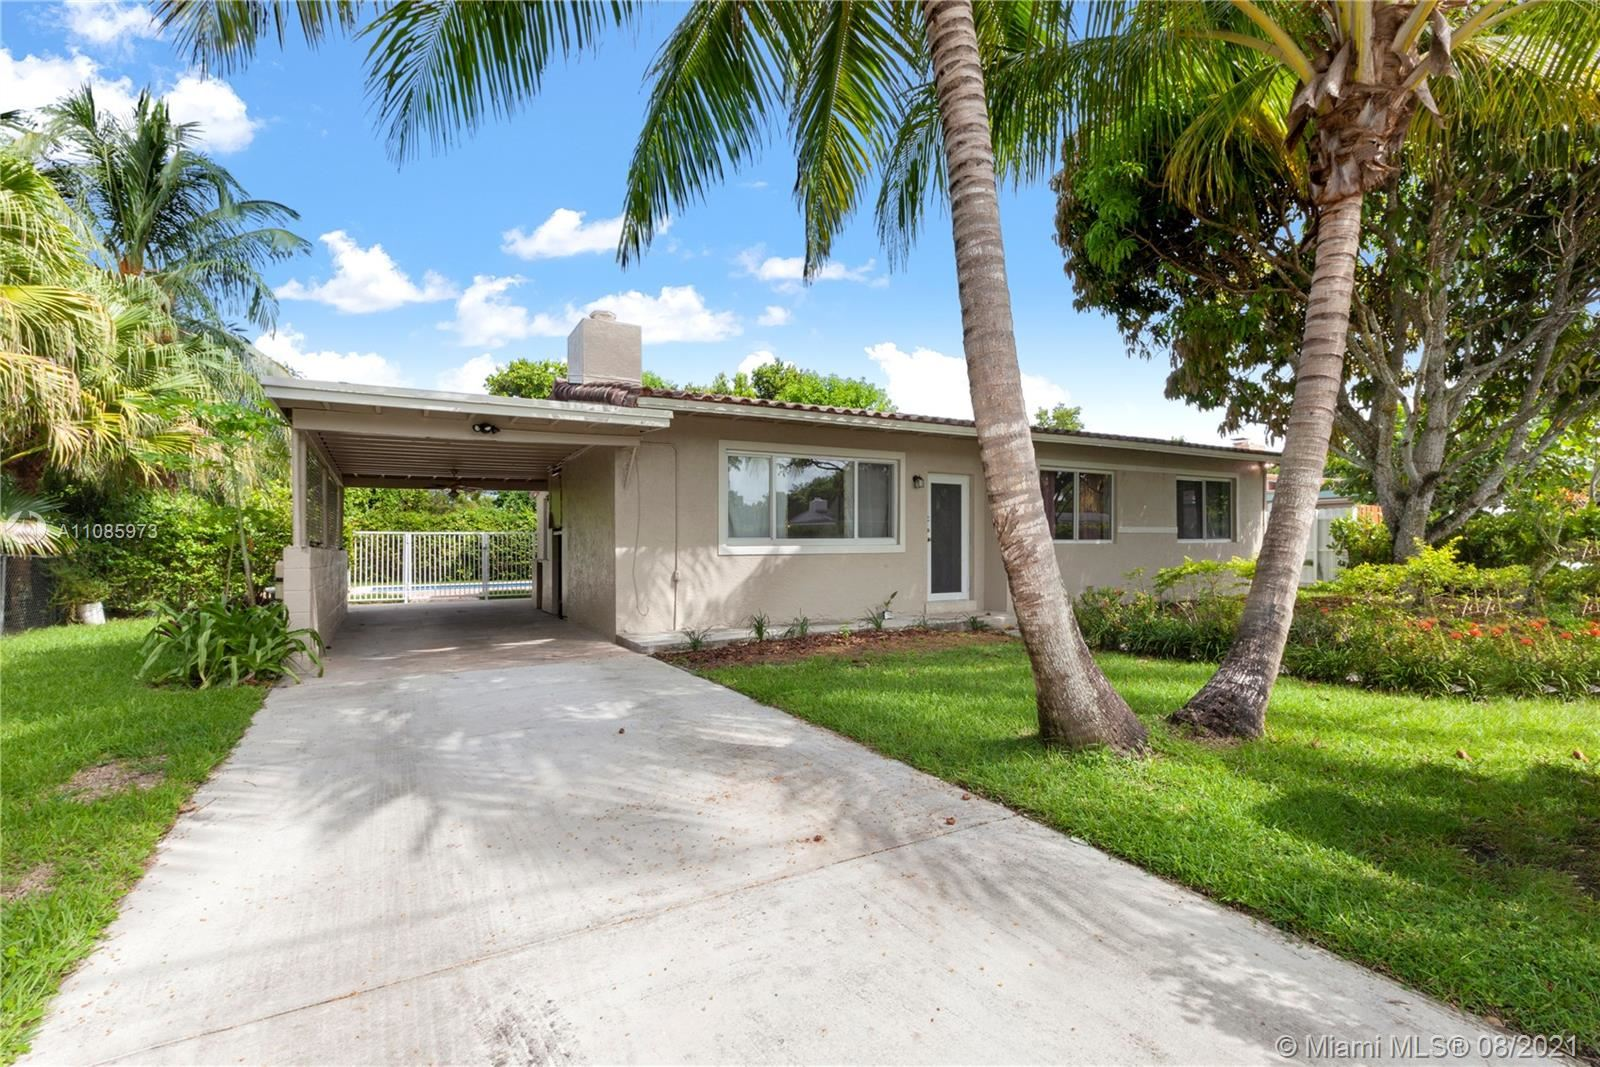 12501 SW 84th Avenue Rd, Miami, FL 33156 - #: A11085973